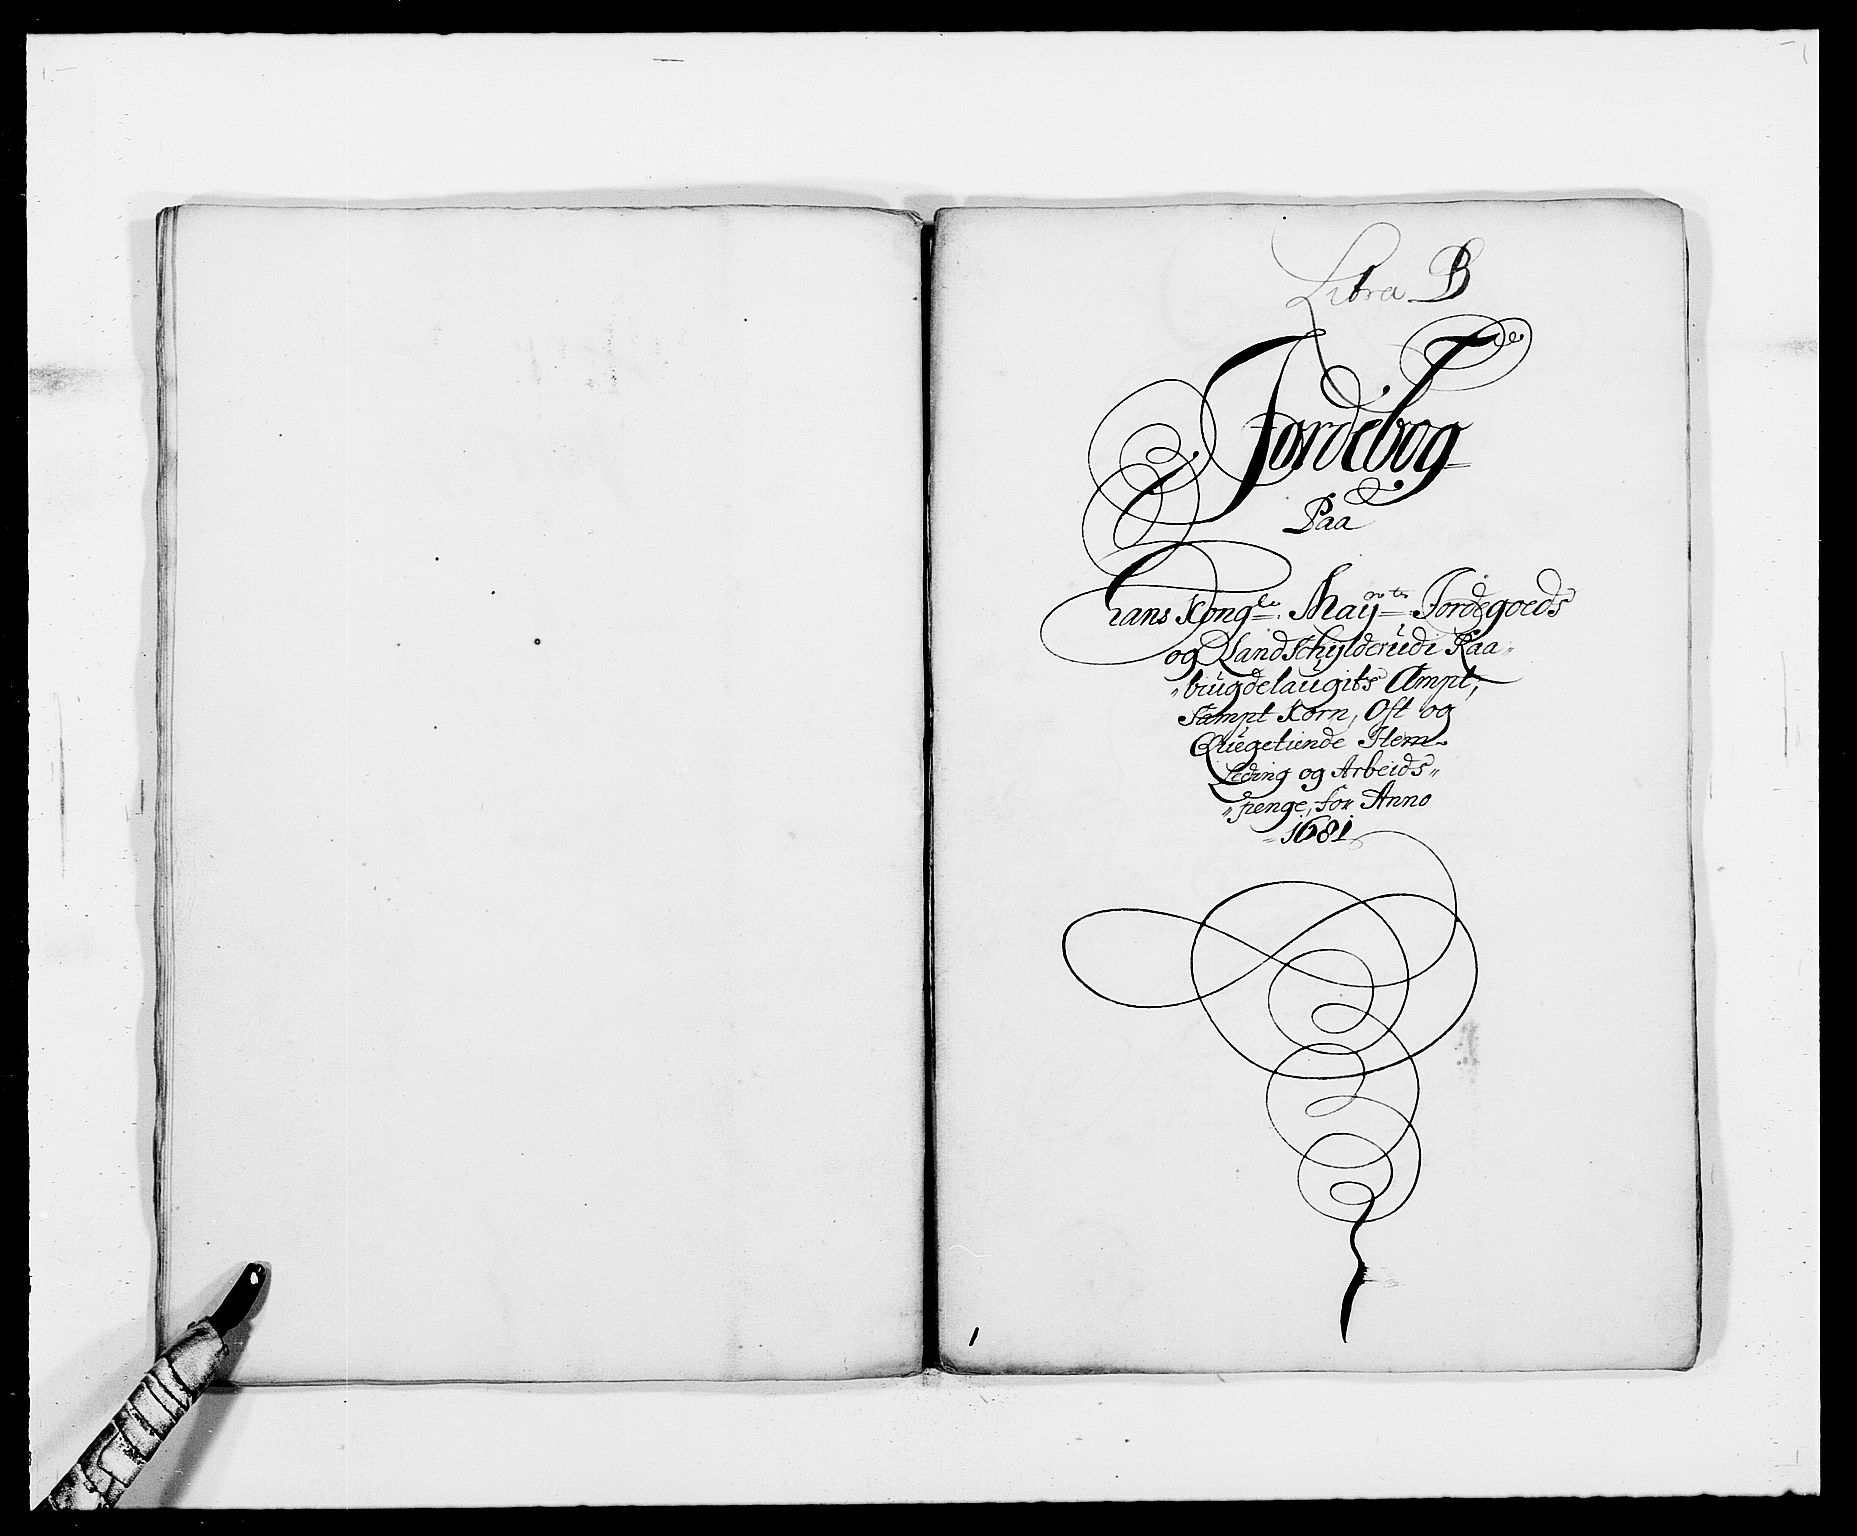 RA, Rentekammeret inntil 1814, Reviderte regnskaper, Fogderegnskap, R40/L2437: Fogderegnskap Råbyggelag, 1681, s. 24